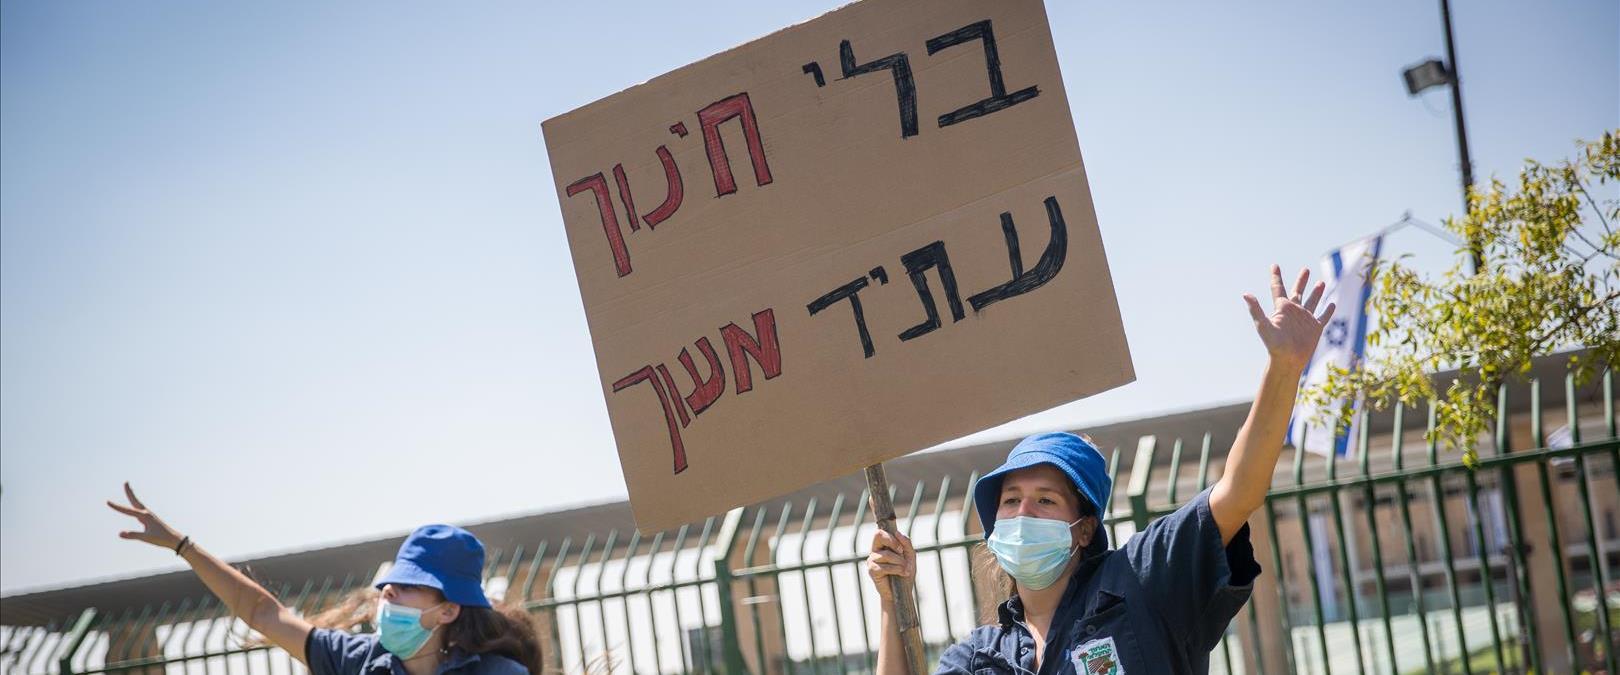 הפגנת תנועות נוער מול הכנסת